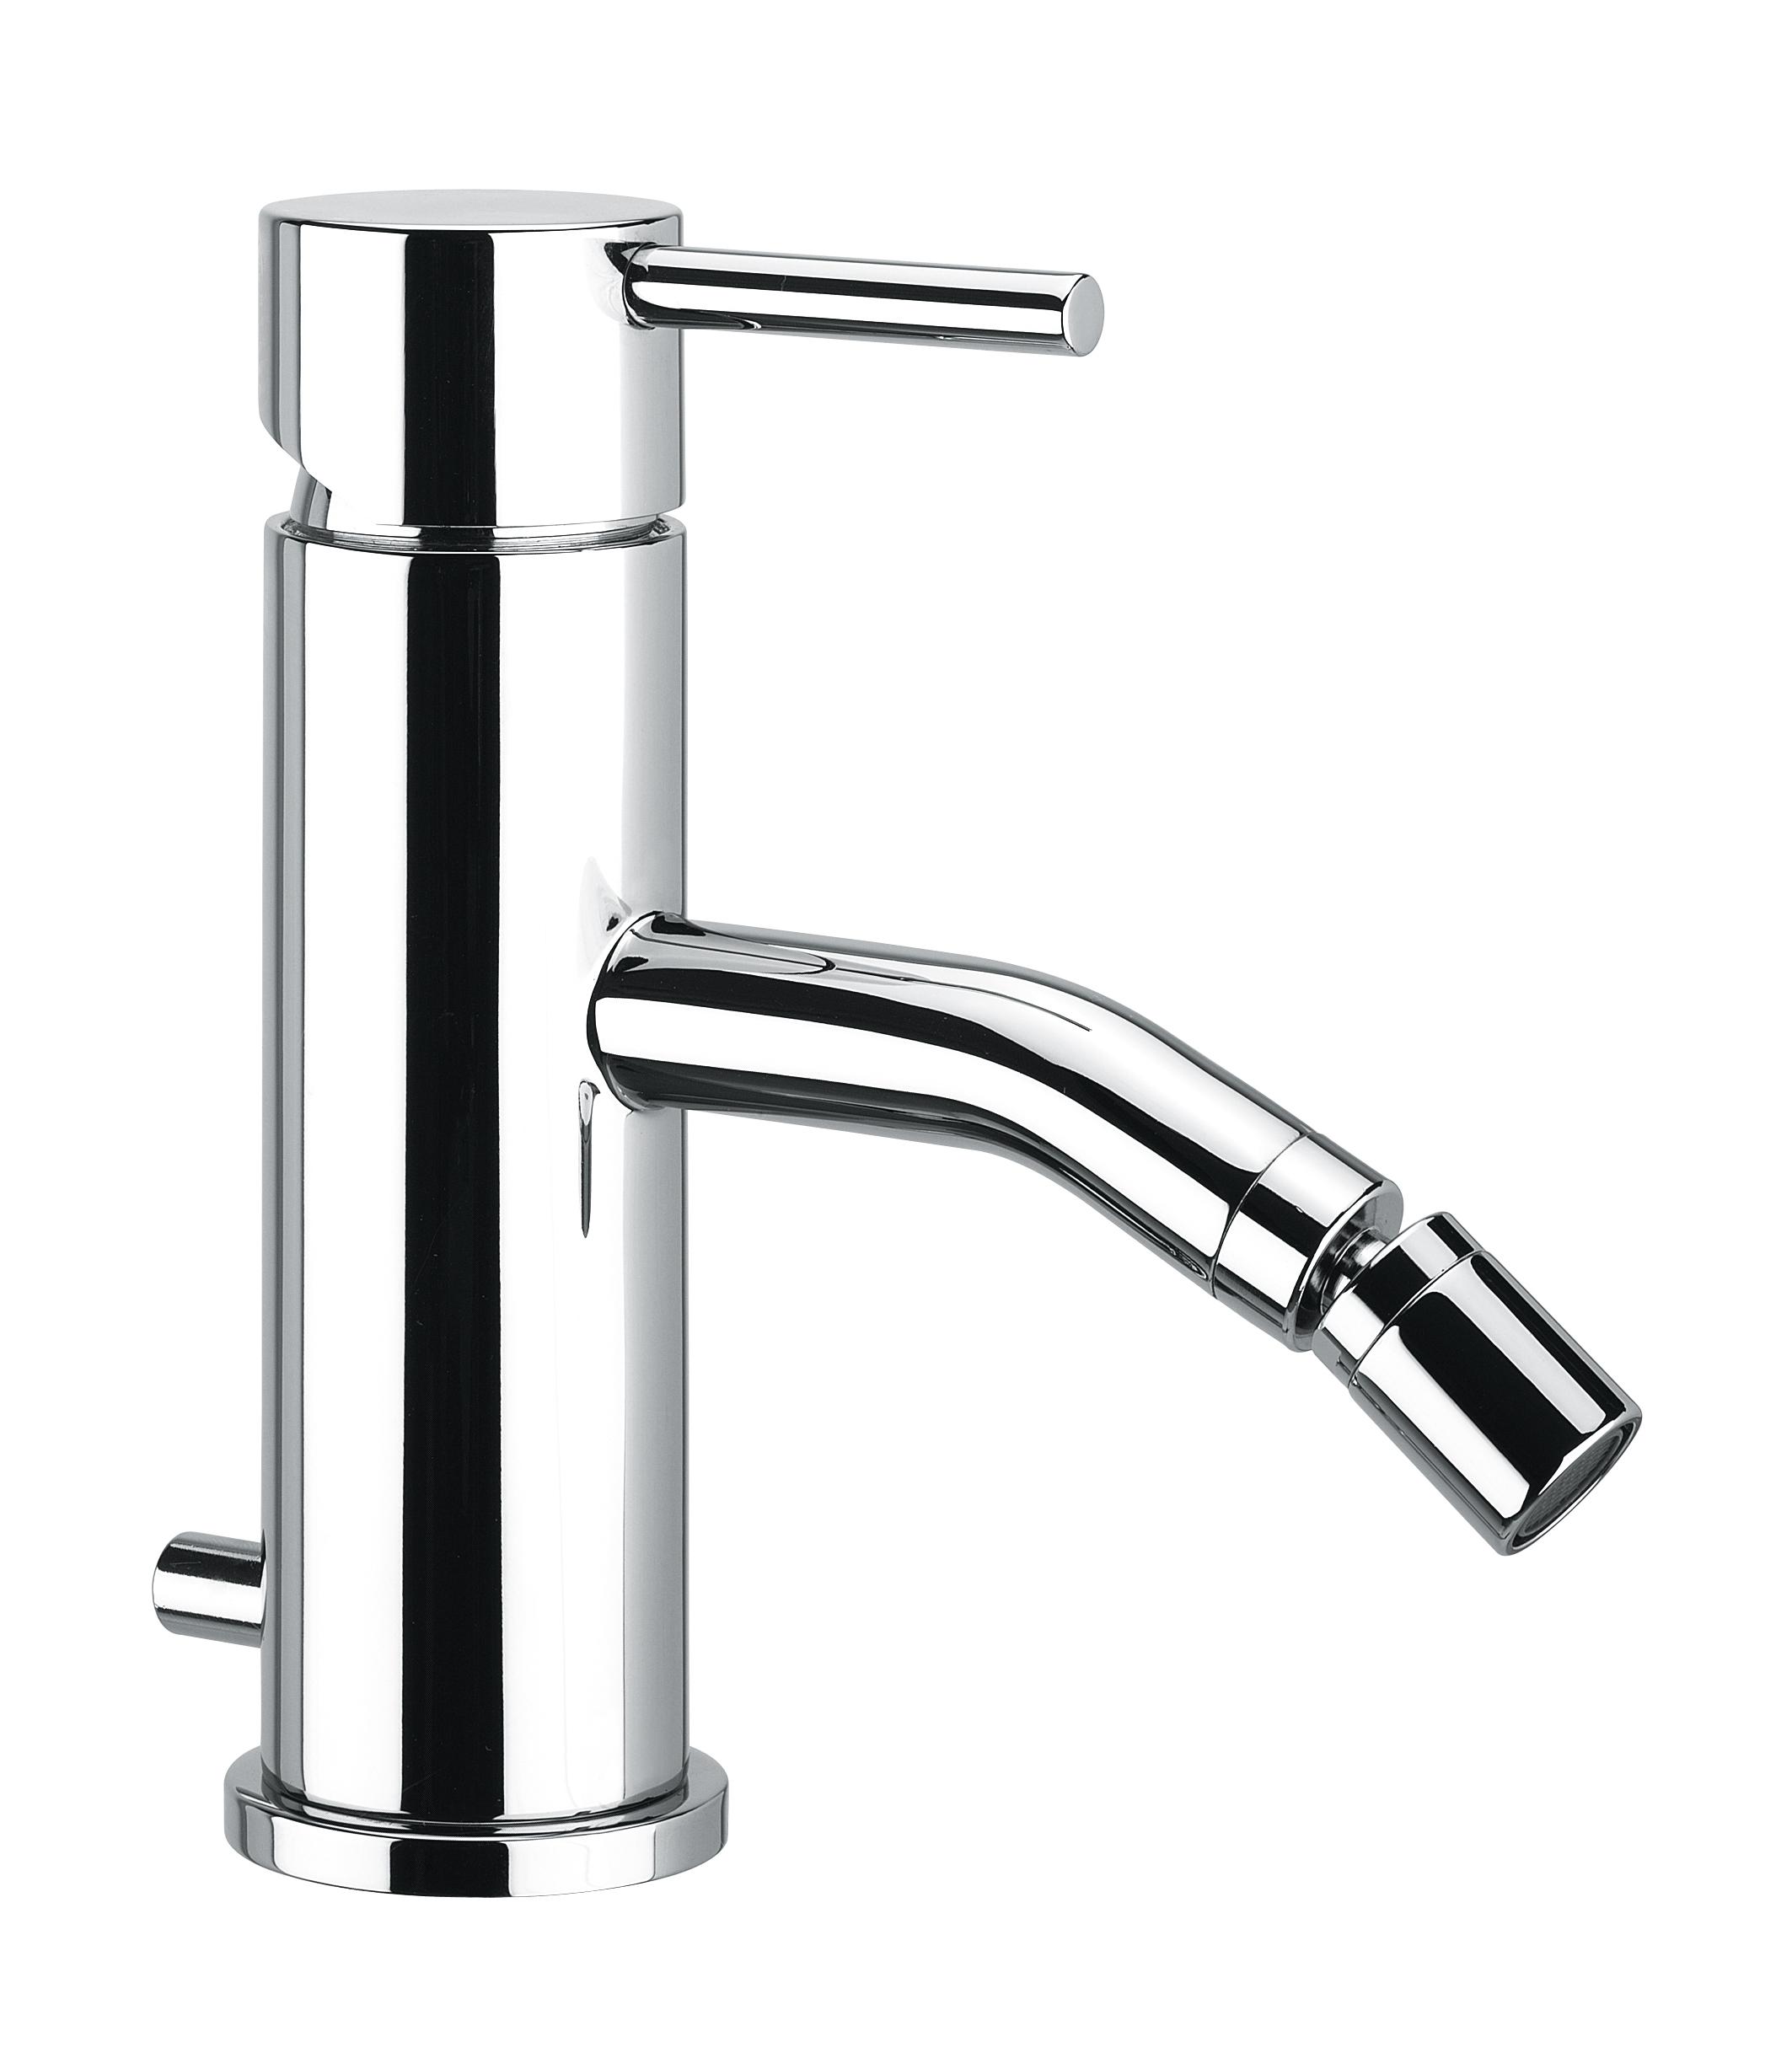 Miscelatore bidet rubinetto sanitari bagno moderno micro oioli made in italy ebay - Miscelatore bagno moderno ...